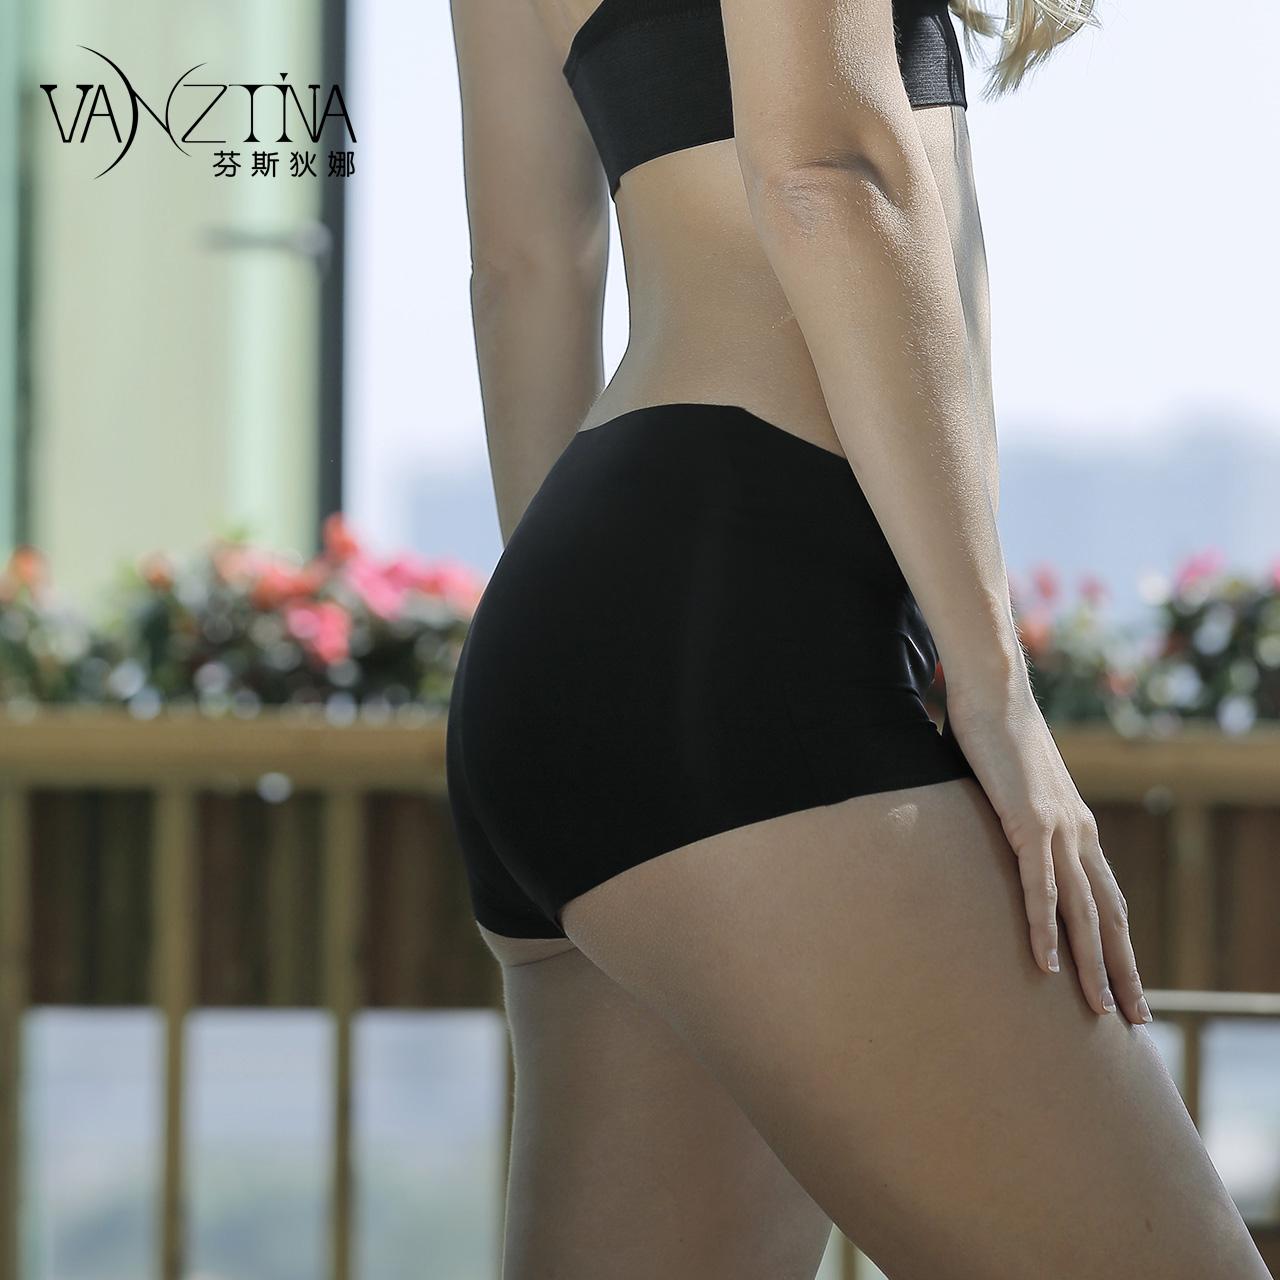 芬斯狄娜2件装无痕一片式冰丝中低腰平角内裤性感透气安全打底裤券后99.00元